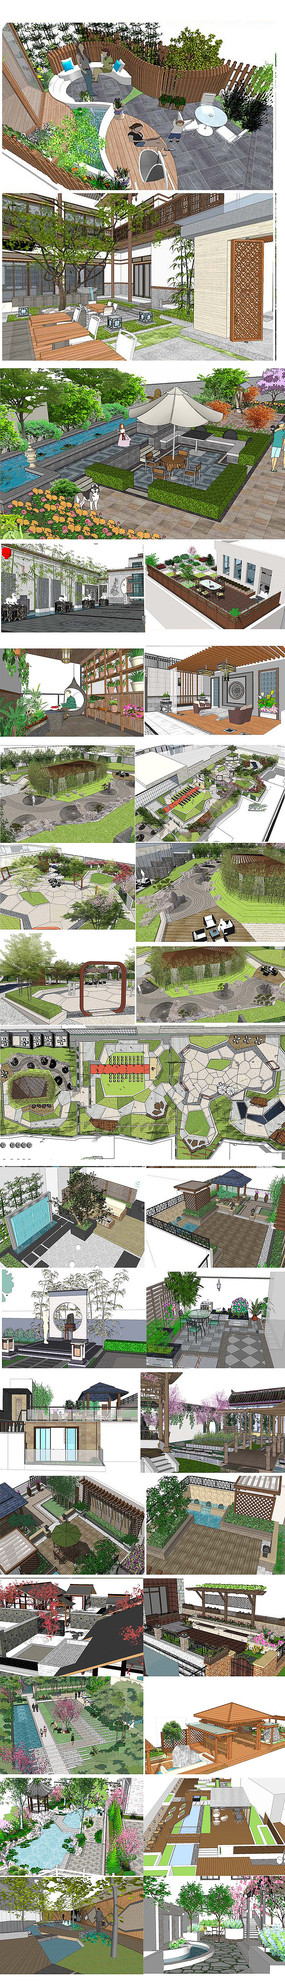 屋顶园林SU模型